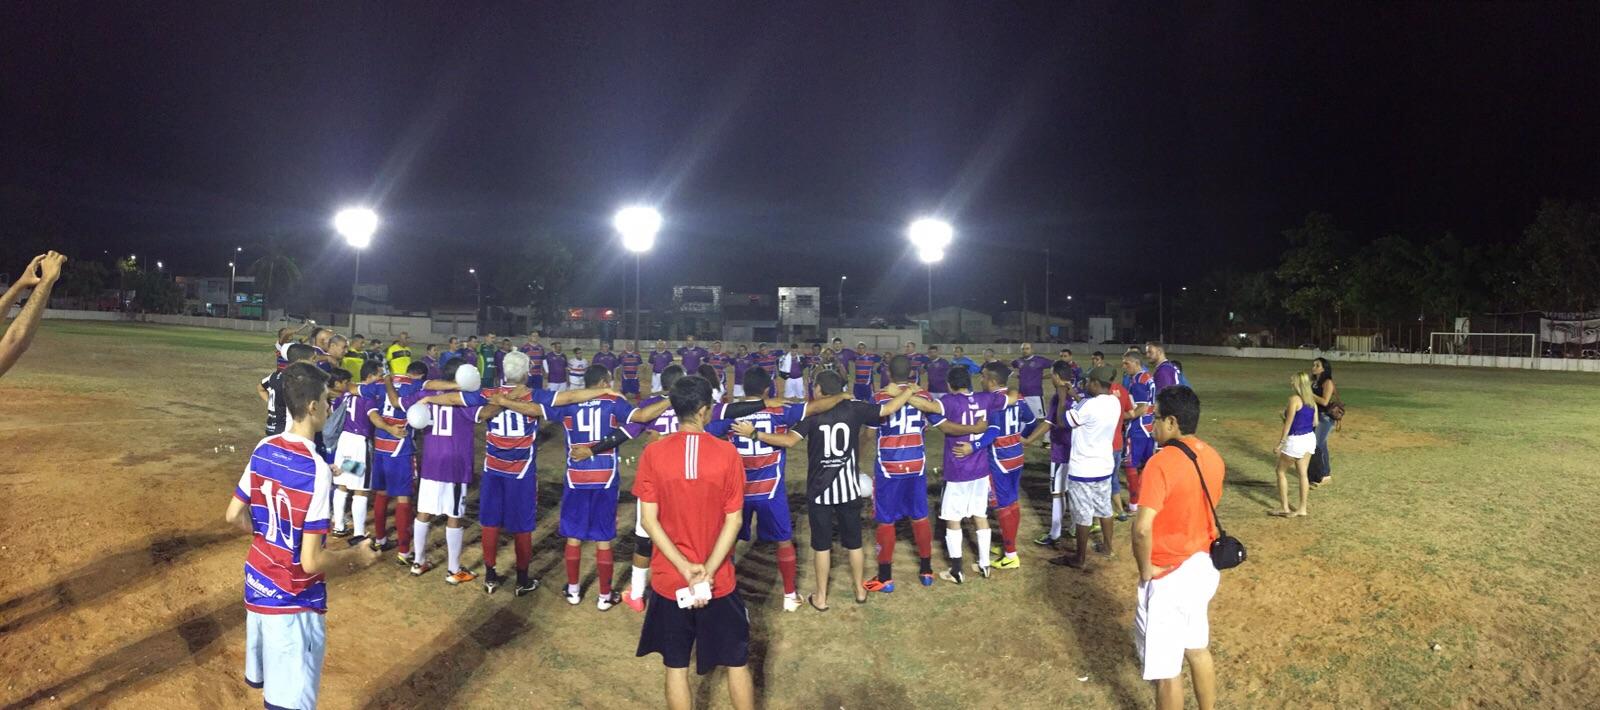 Os times rezam antes do início da partida (FOTO: Divulgação)